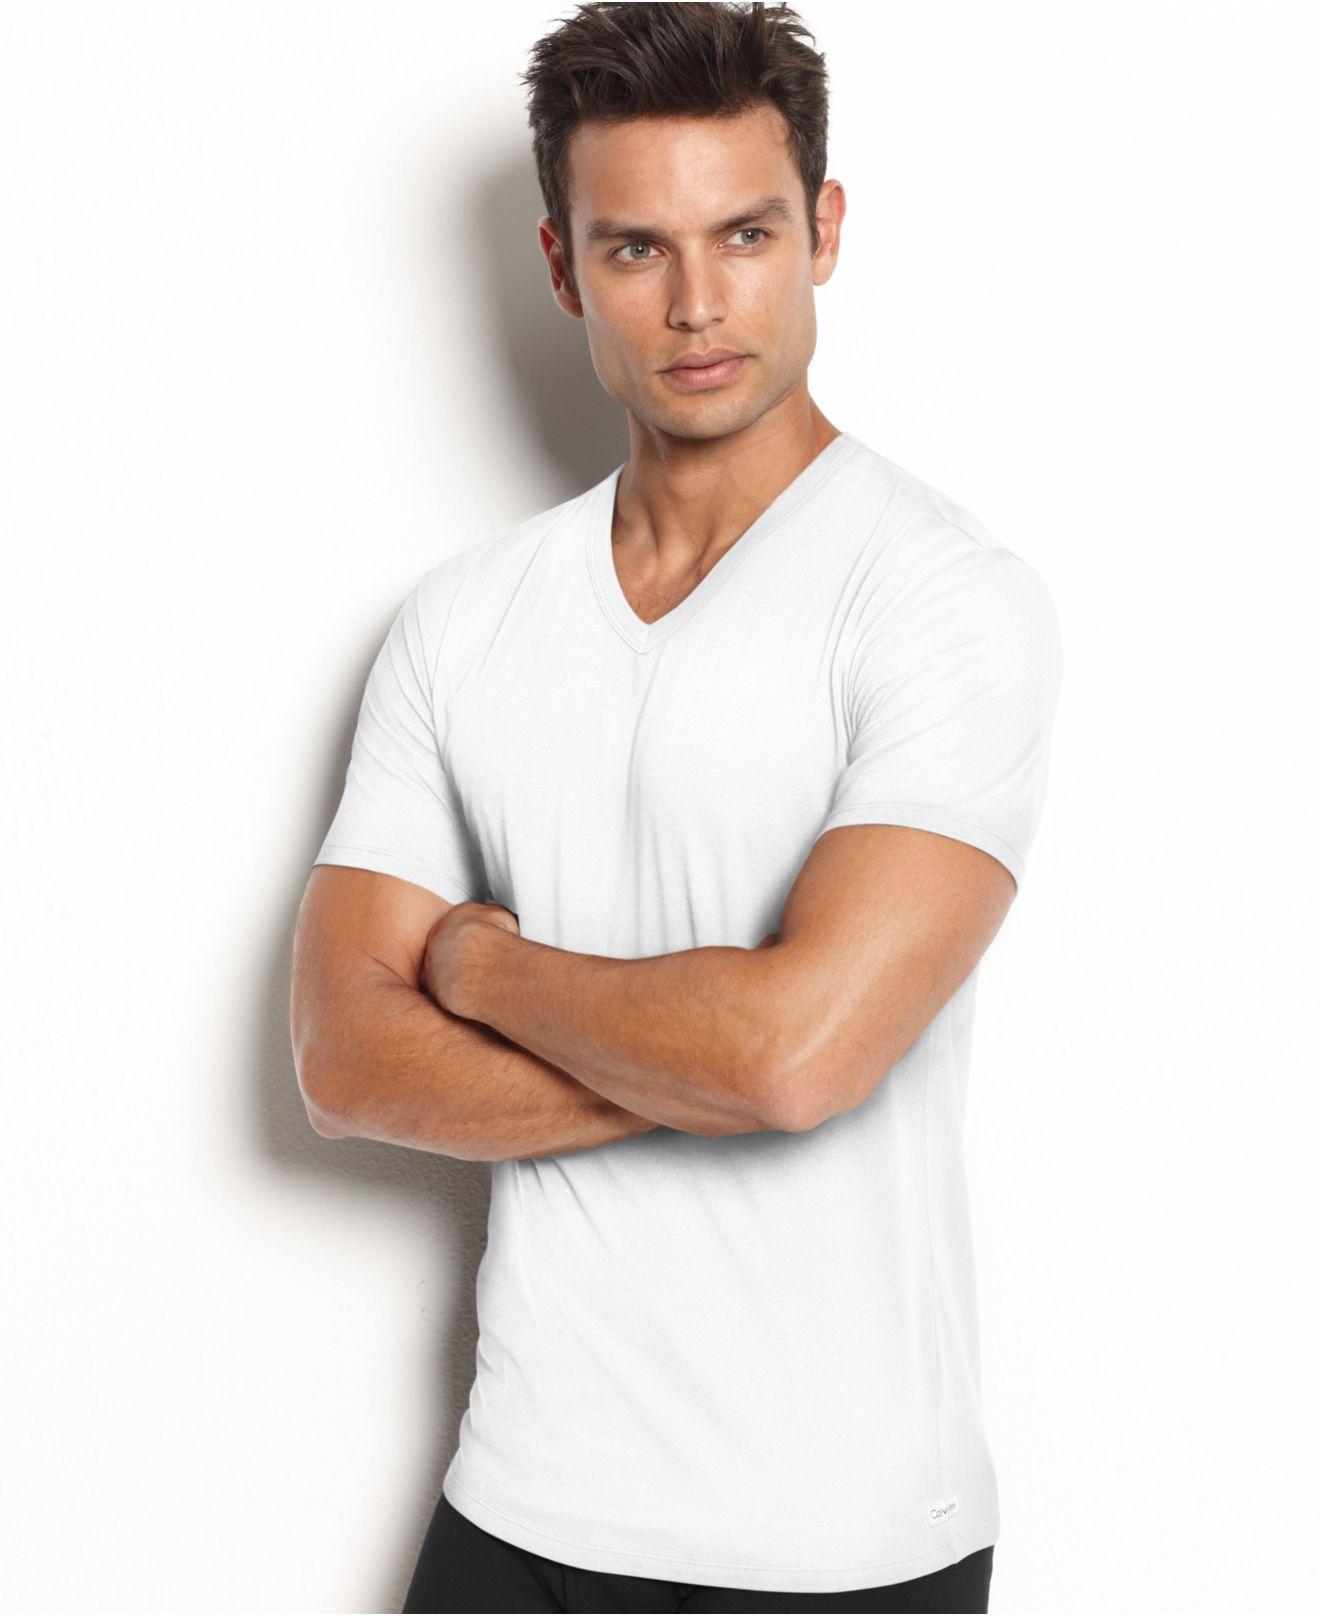 Calvin klein men 39 s stretch cotton v neck t shirt 2 pack for V neck white t shirts for men